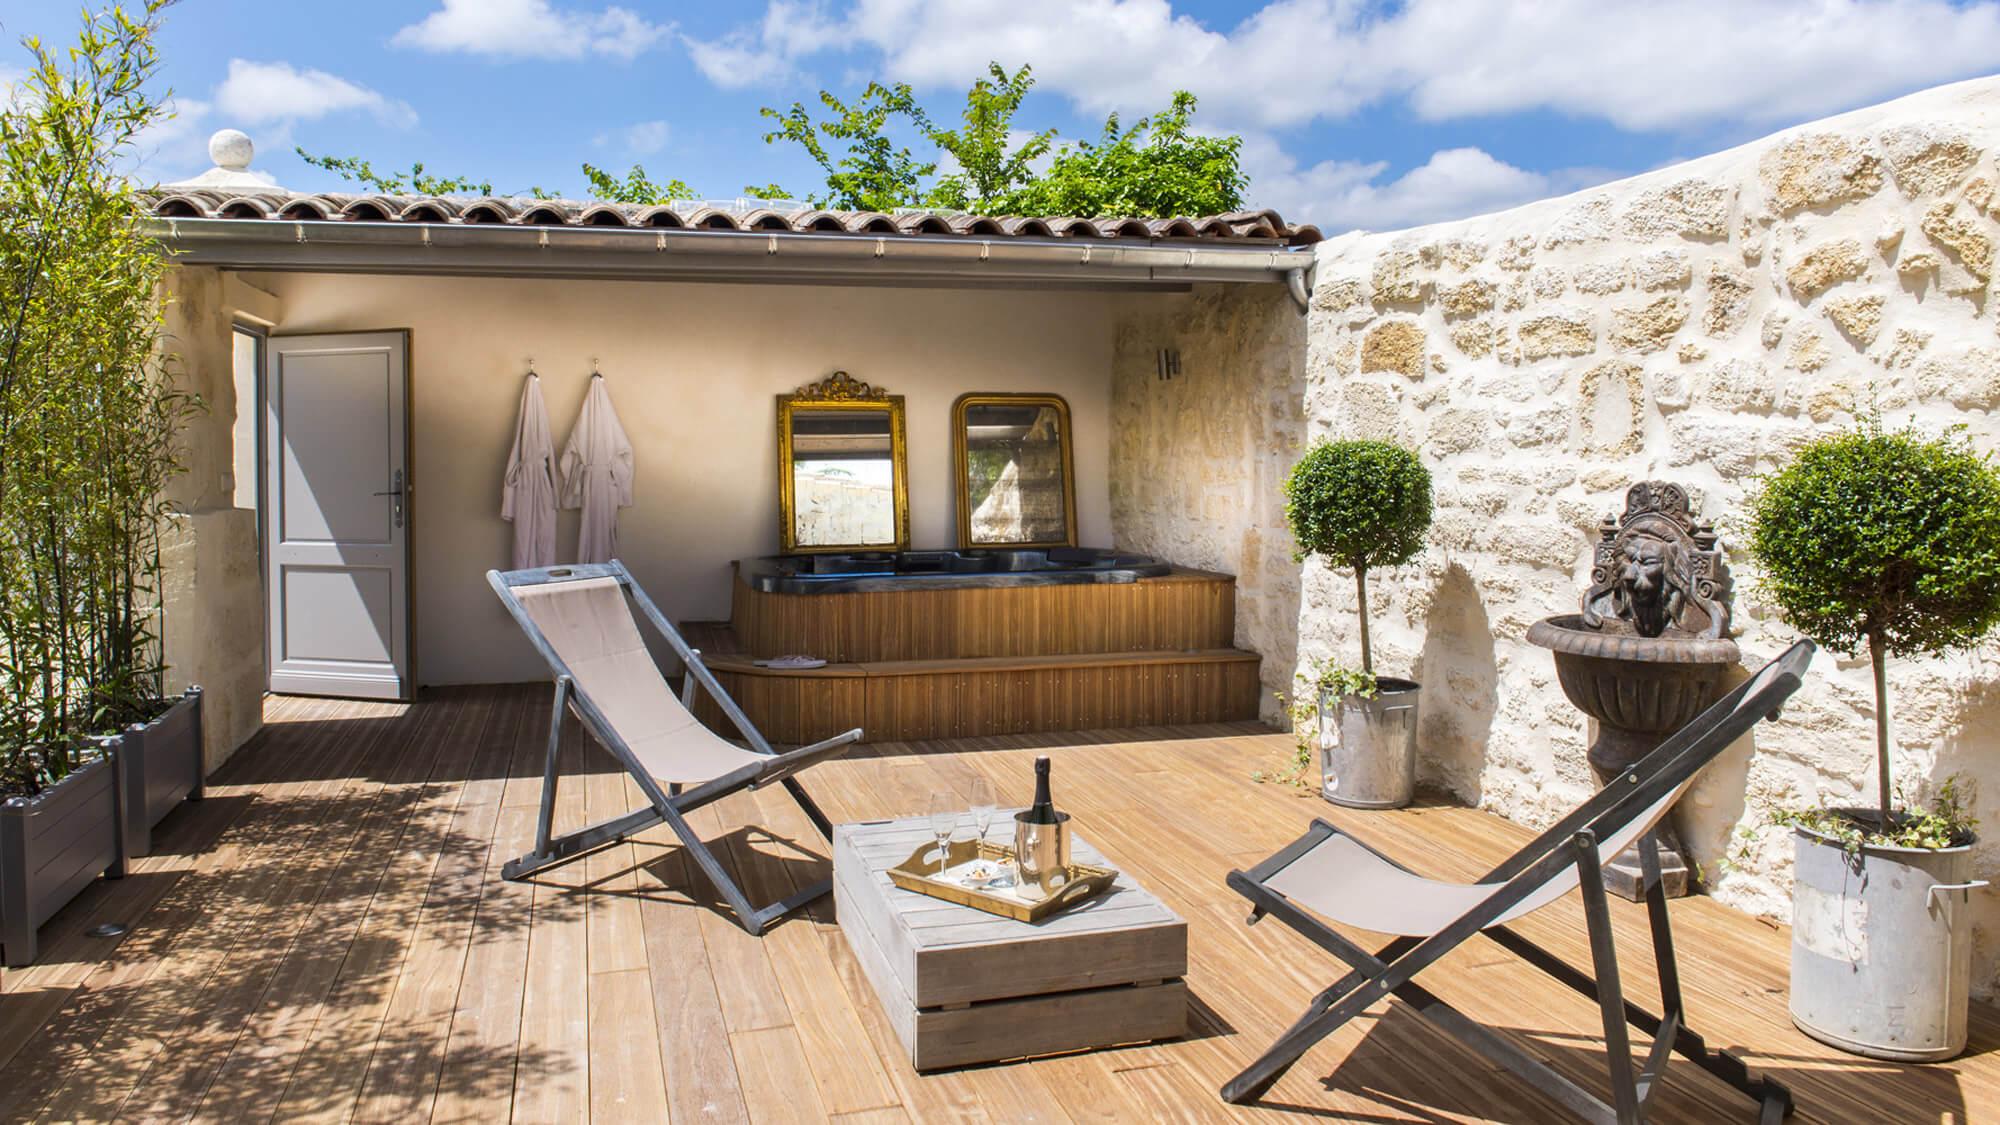 Top 6 Des Hotels Avec Jacuzzi Privatif Pour Un Sejour Detente Les